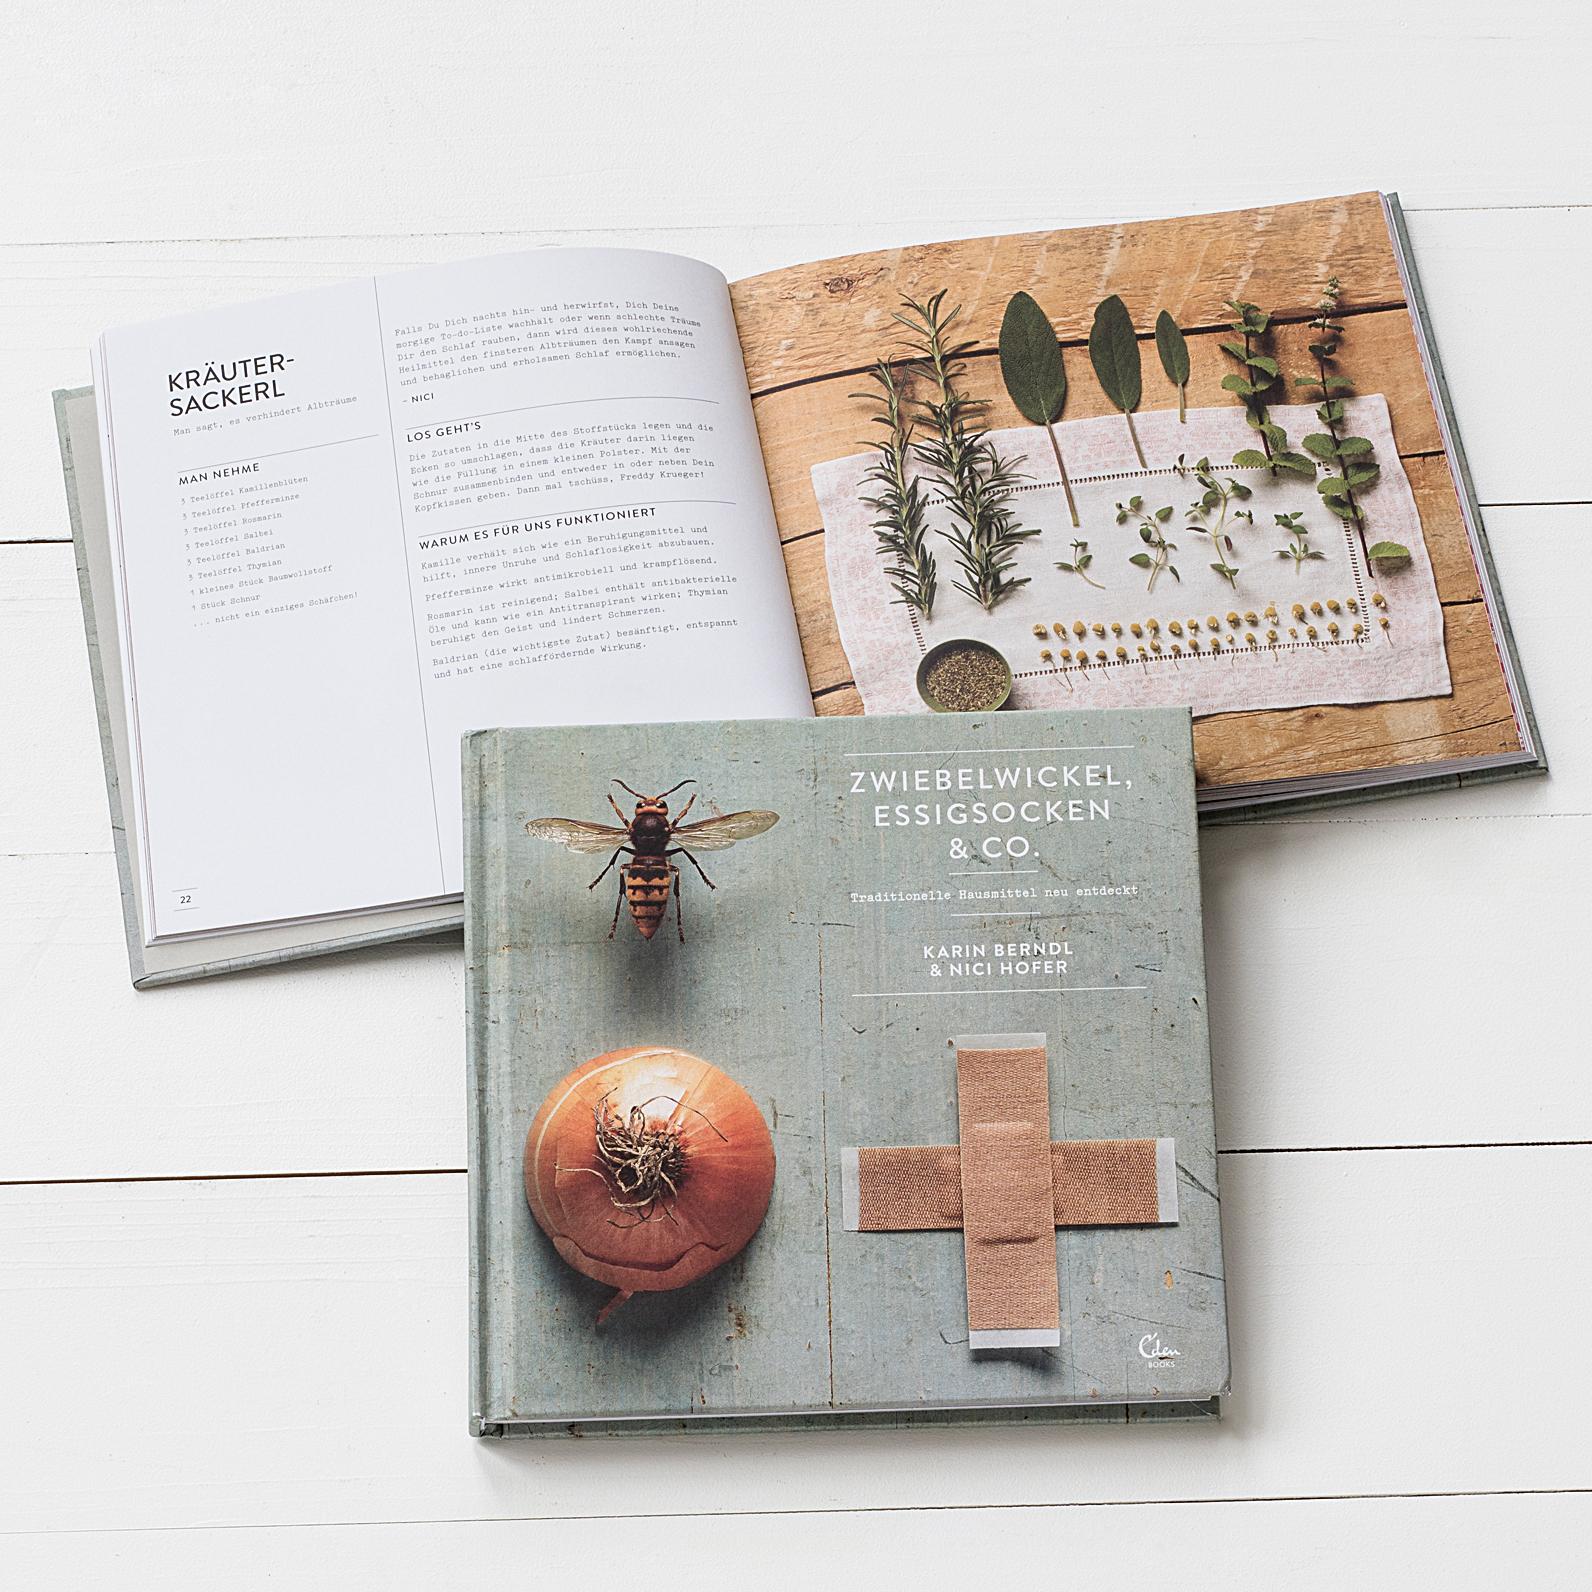 Originelle Bücher bei Torquato.de online kaufen